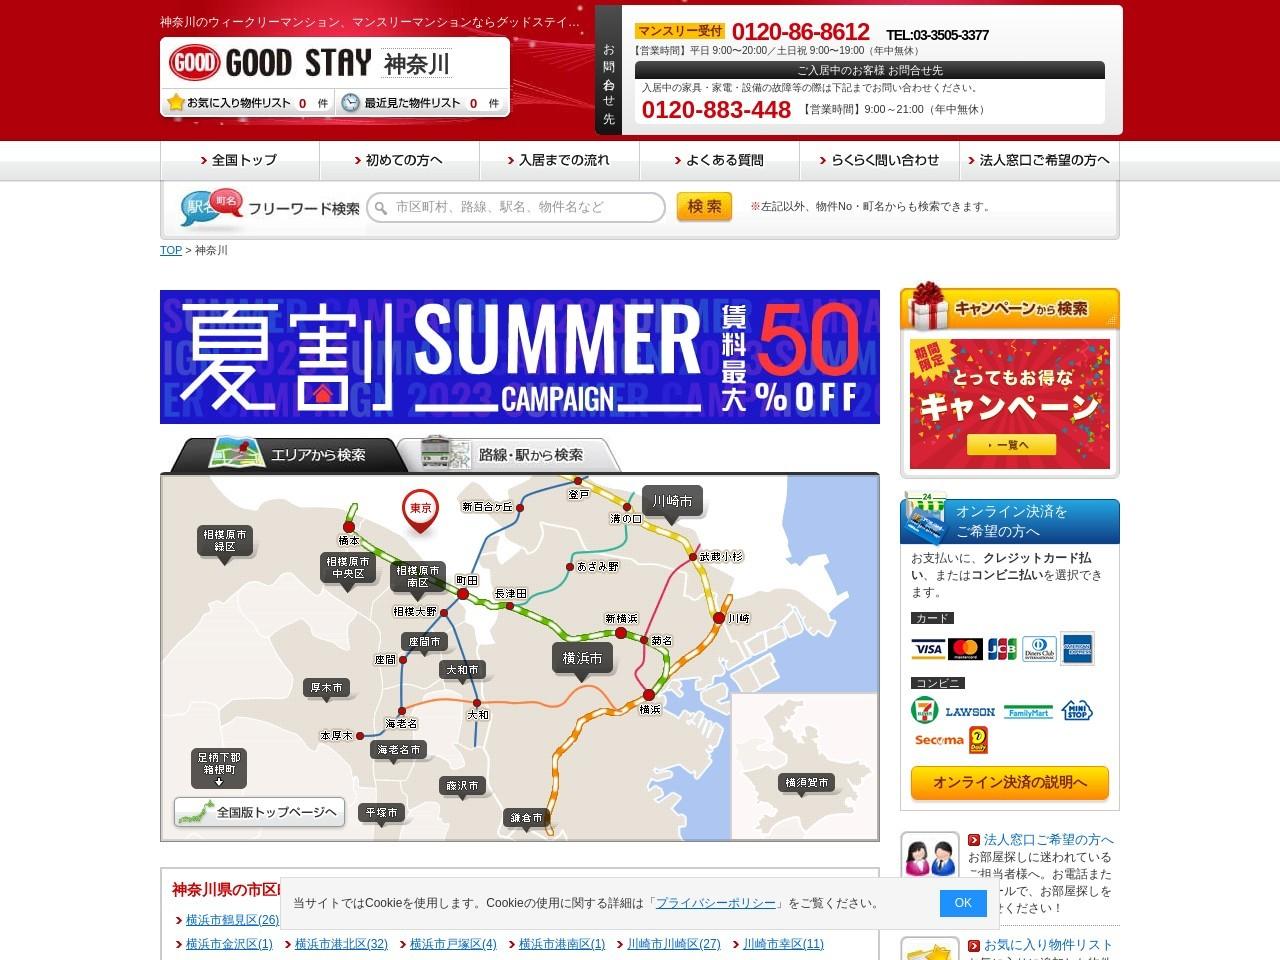 グッド・ステイネット神奈川